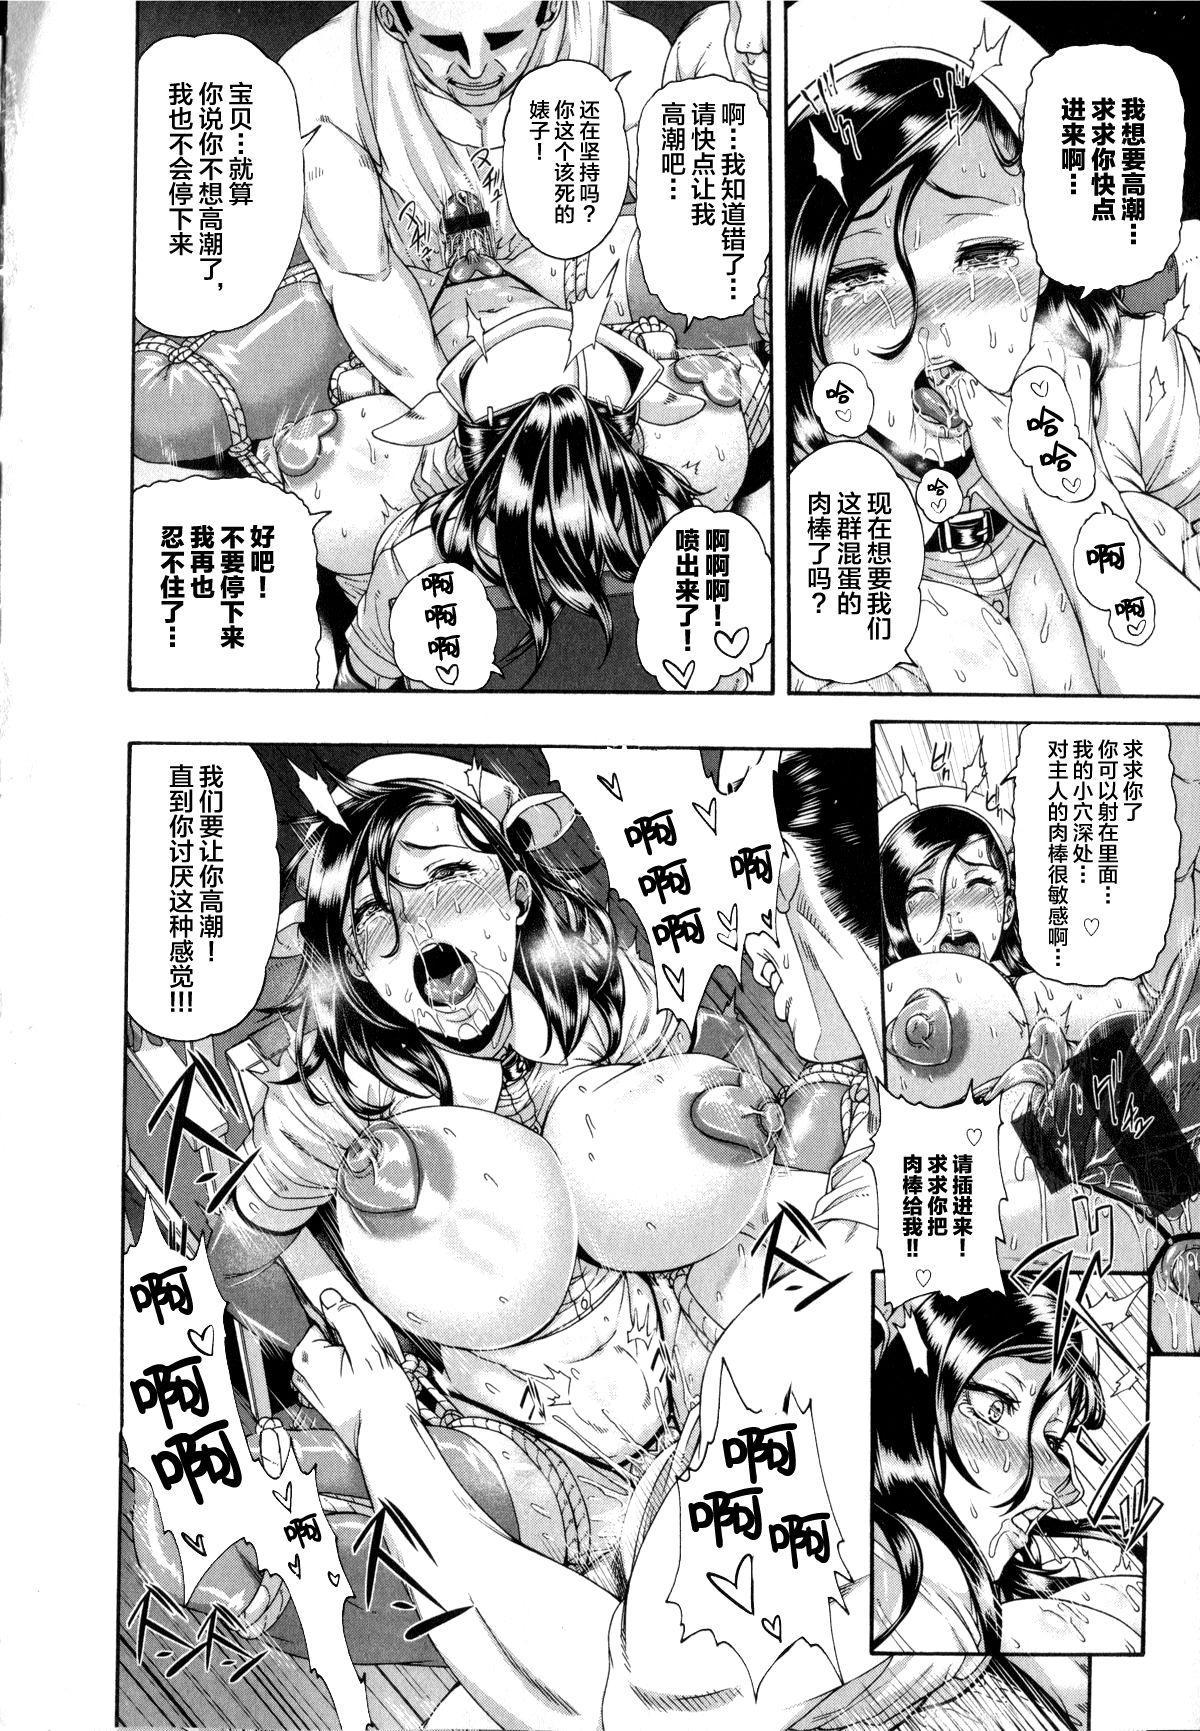 Watashi mo Kango Shidou Onegaishimasu! 16